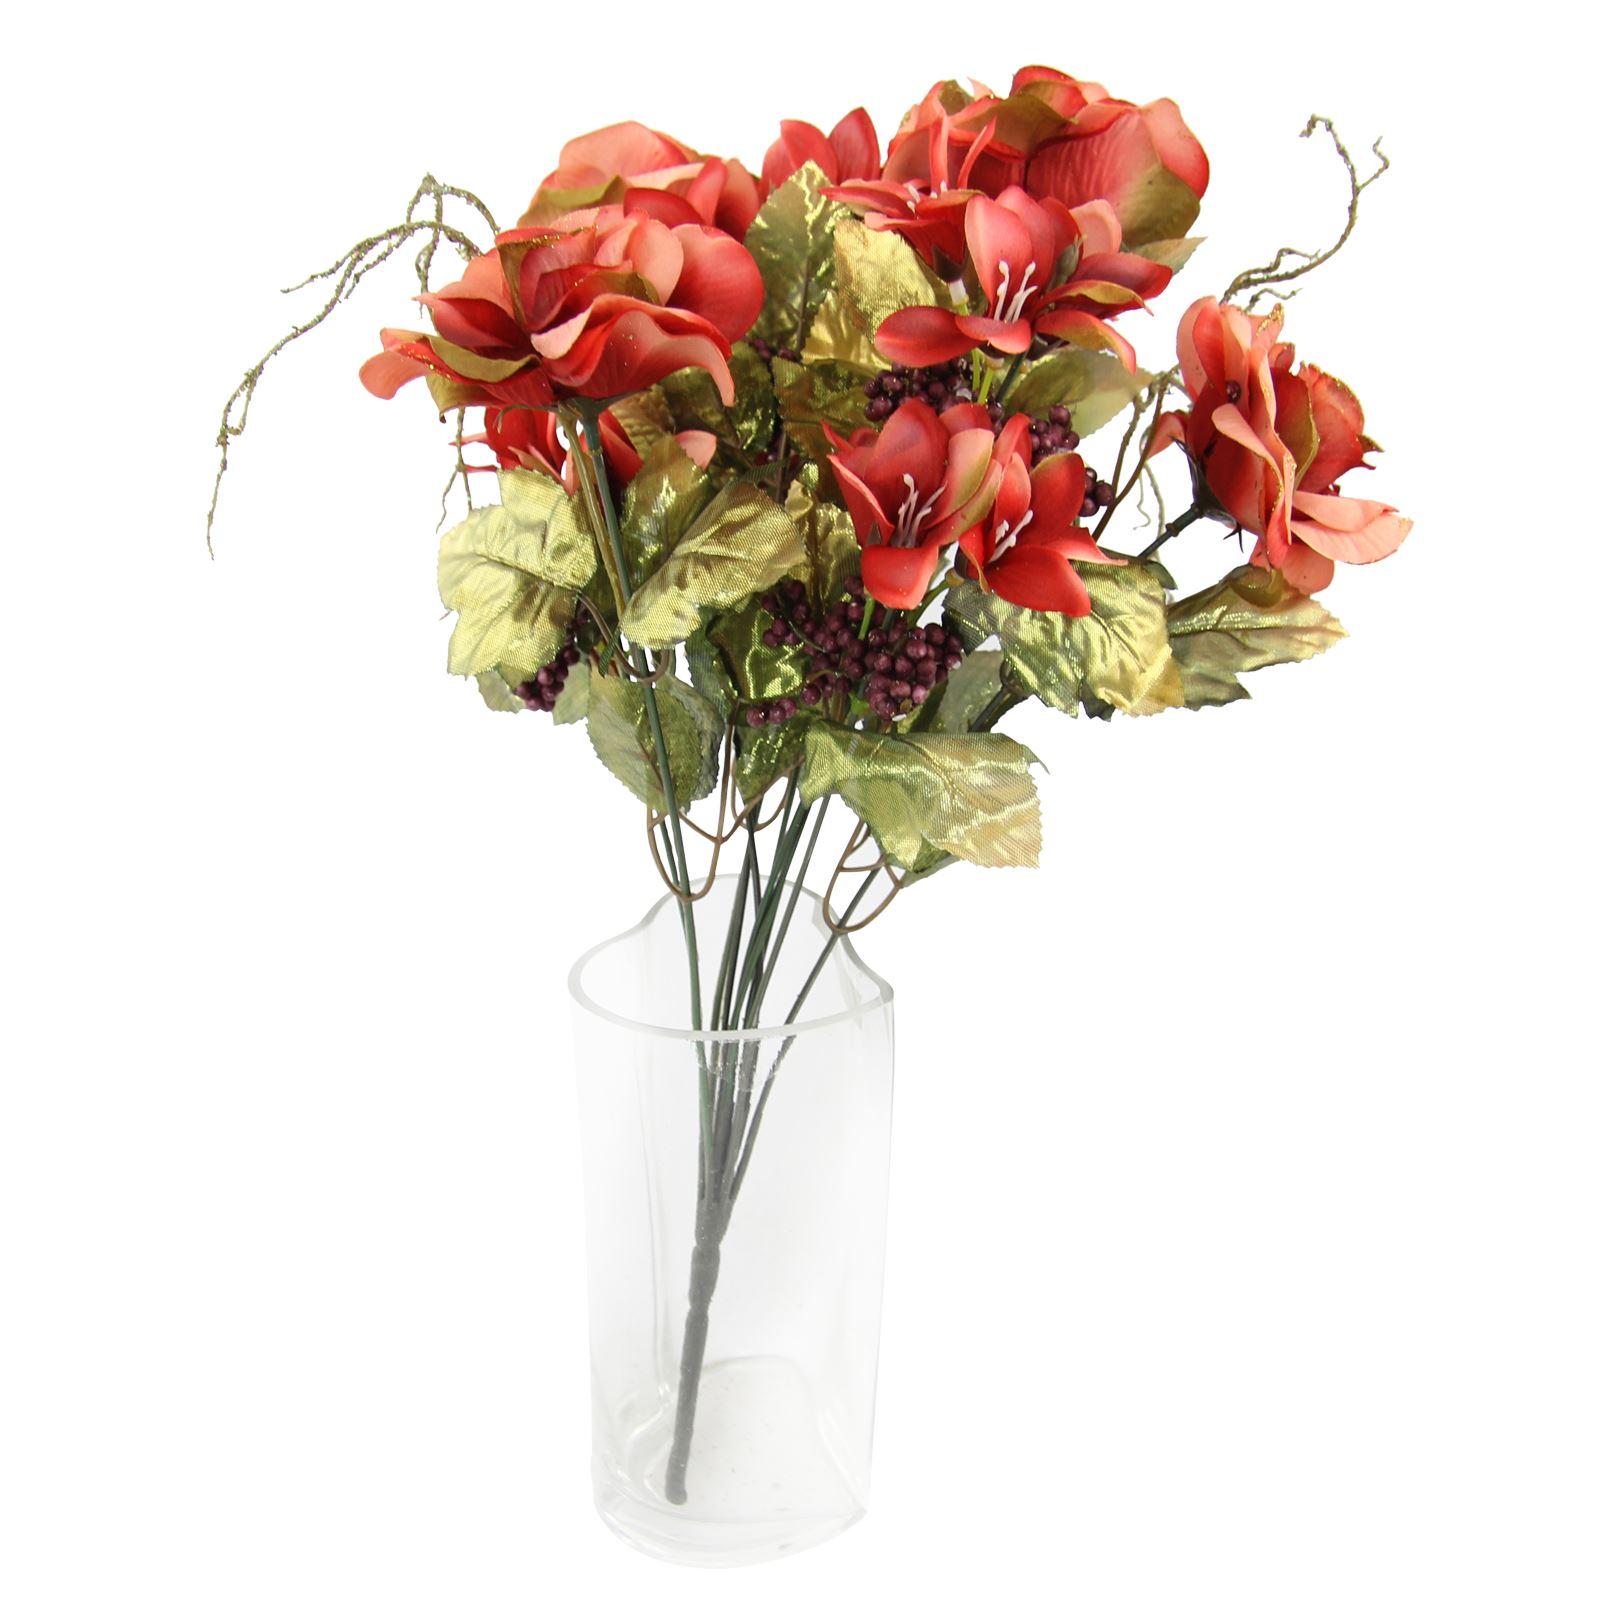 Rose And Alstroemeria Glitter Bouquet Artificial Silk Flowers